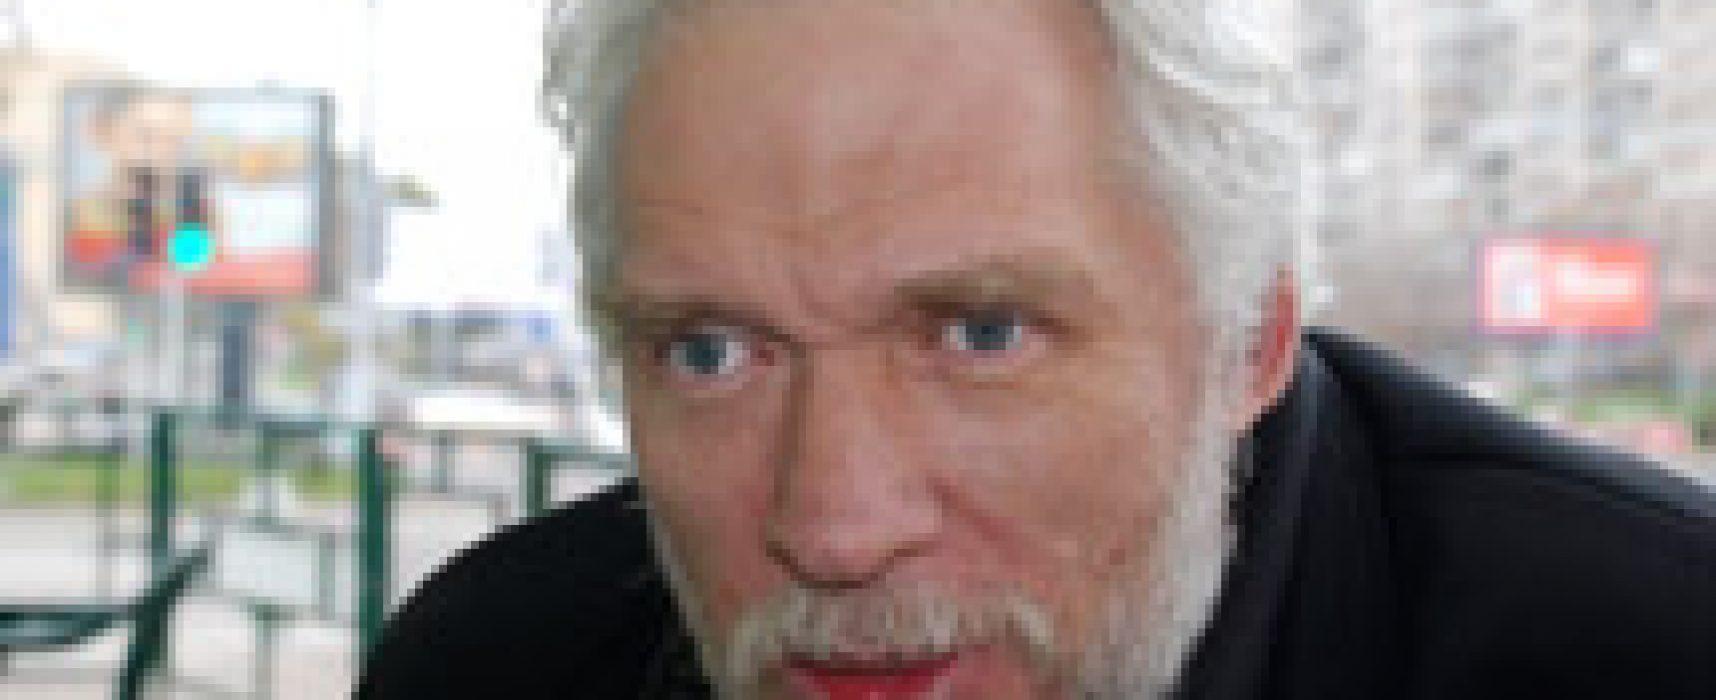 Борис Соколов: Выдворение и вытеснение — историки на гибридной войне